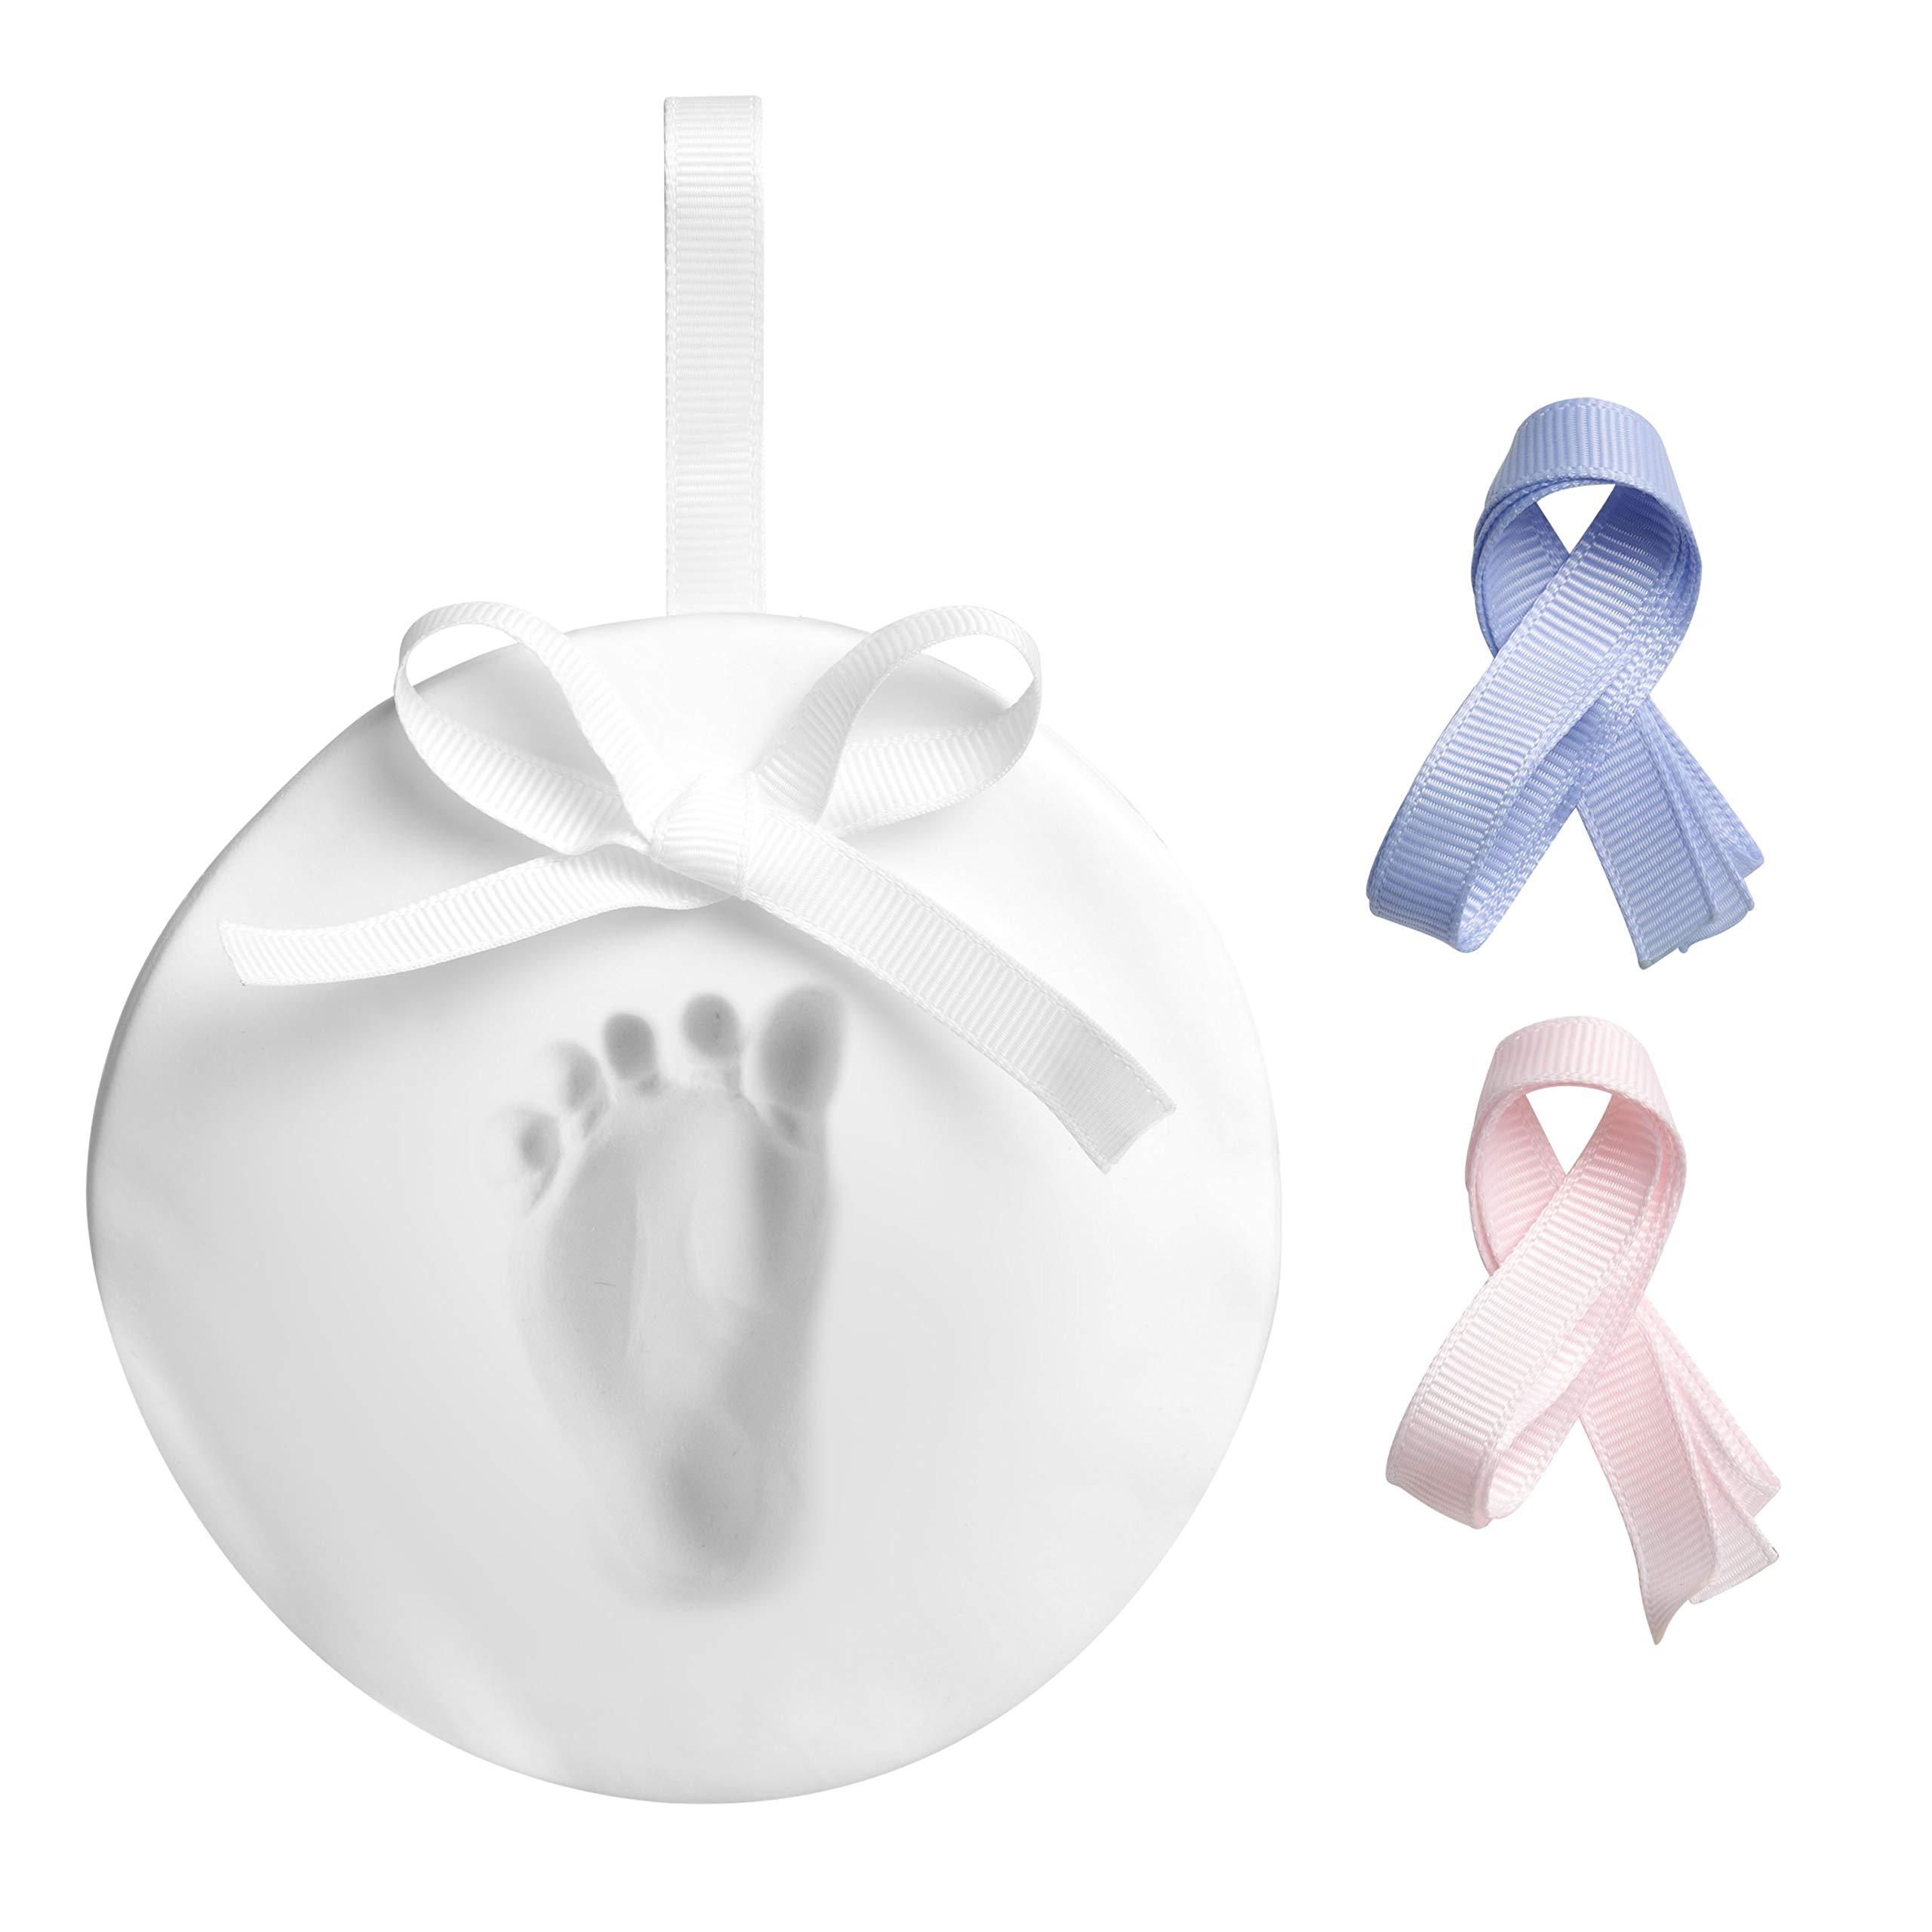 Tiny Ideas DIY Babyprints Handprint or Footprint Keepsake Ornament with Ribbon Blue